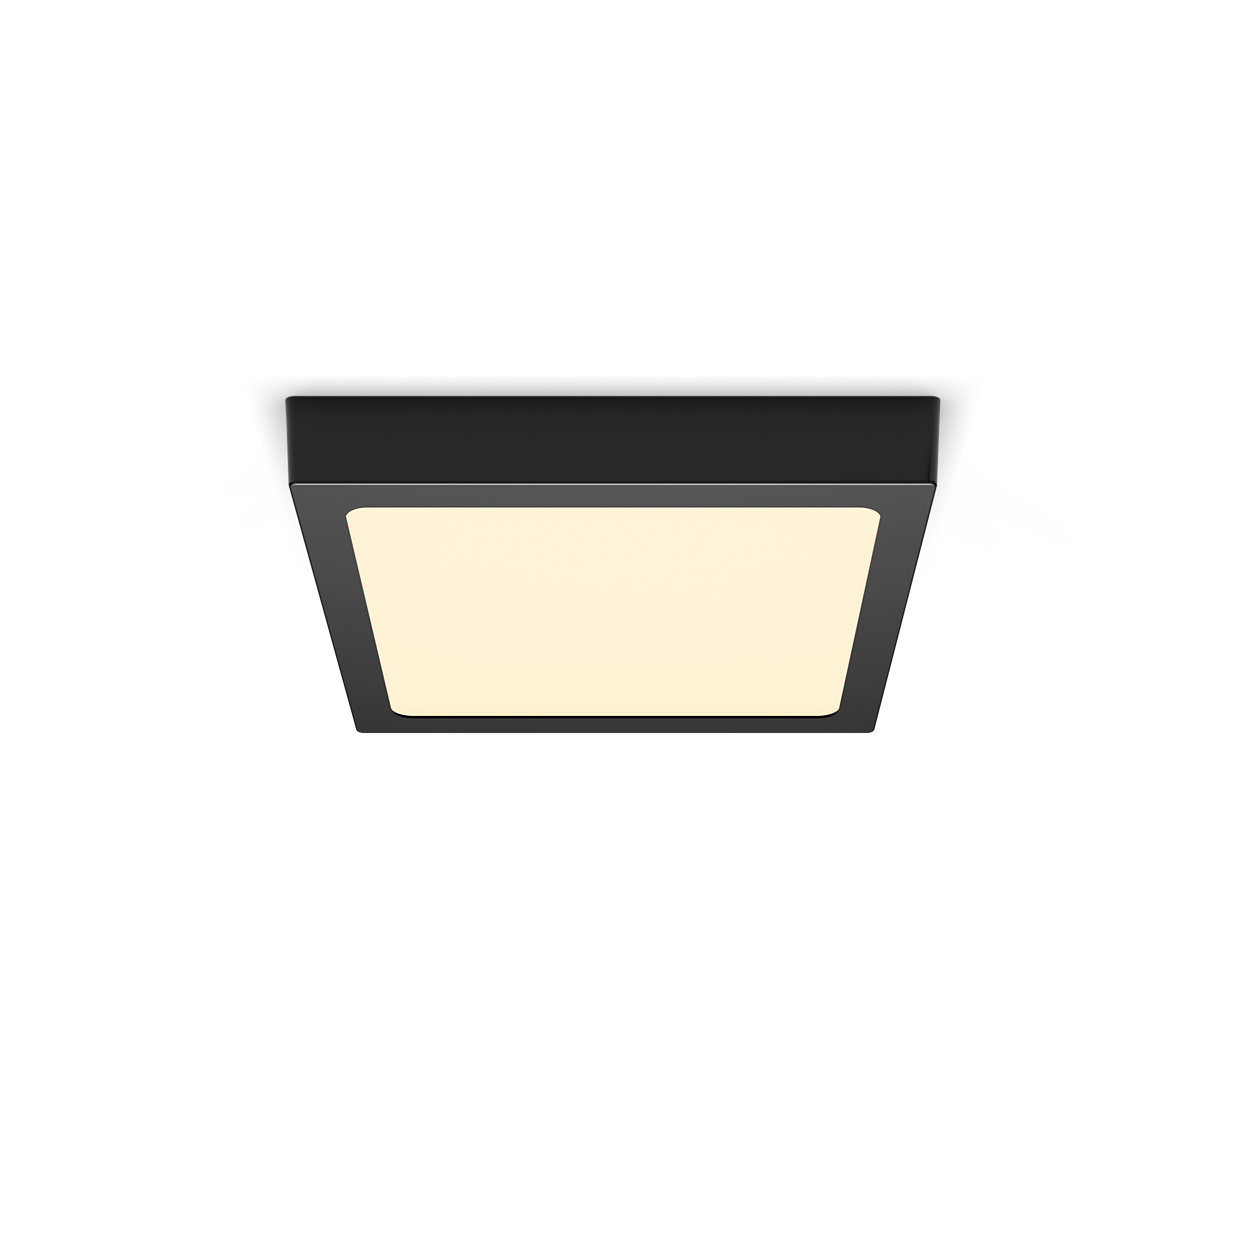 Comfortabel LED-licht dat aangenaam is voor uw ogen